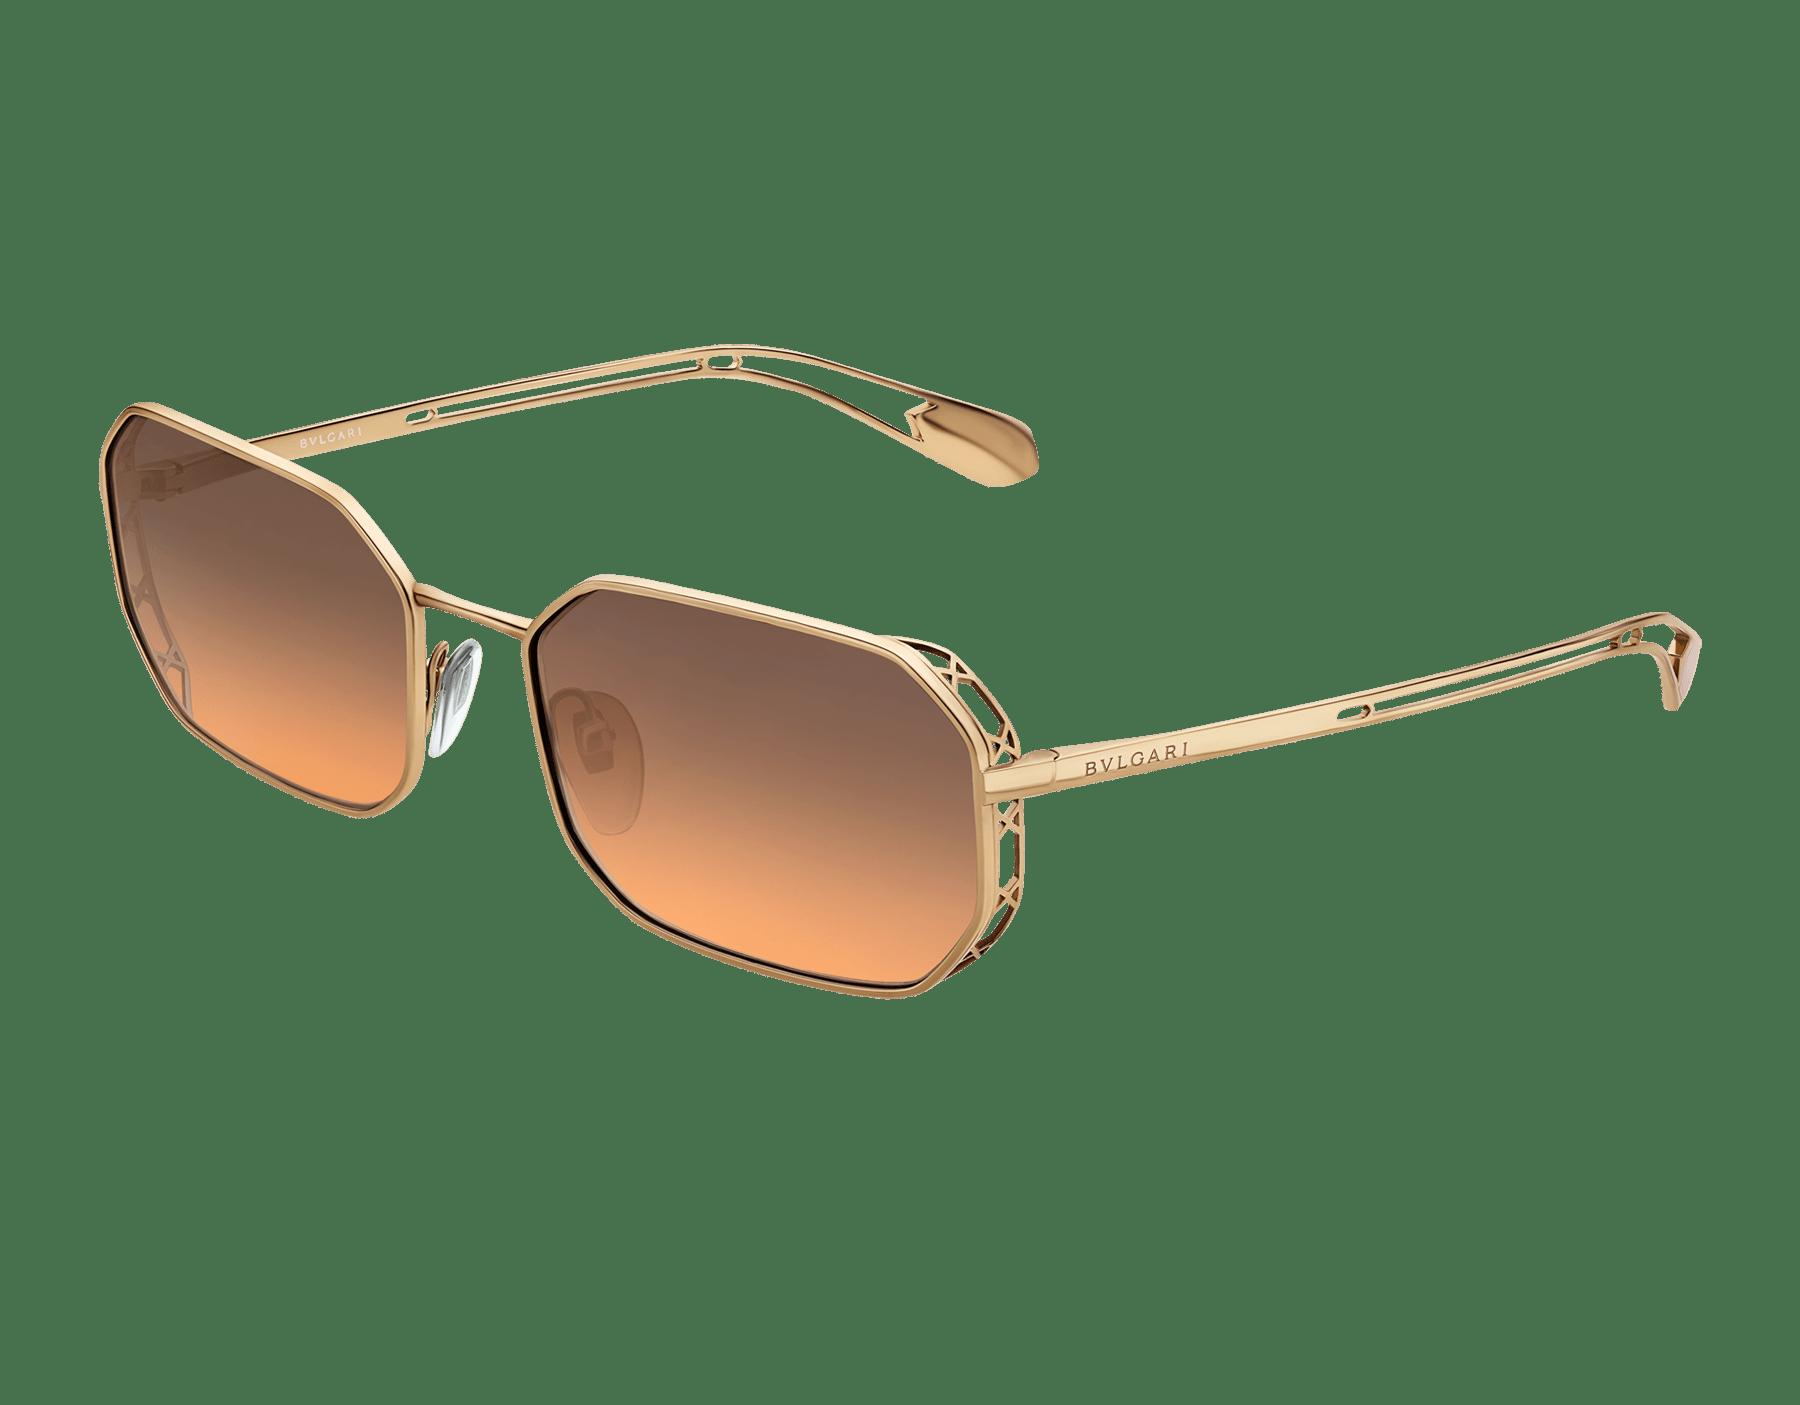 Bvlgari Serpenti Narrowmation rectangular metal aviator sunglasses. 903860 image 1